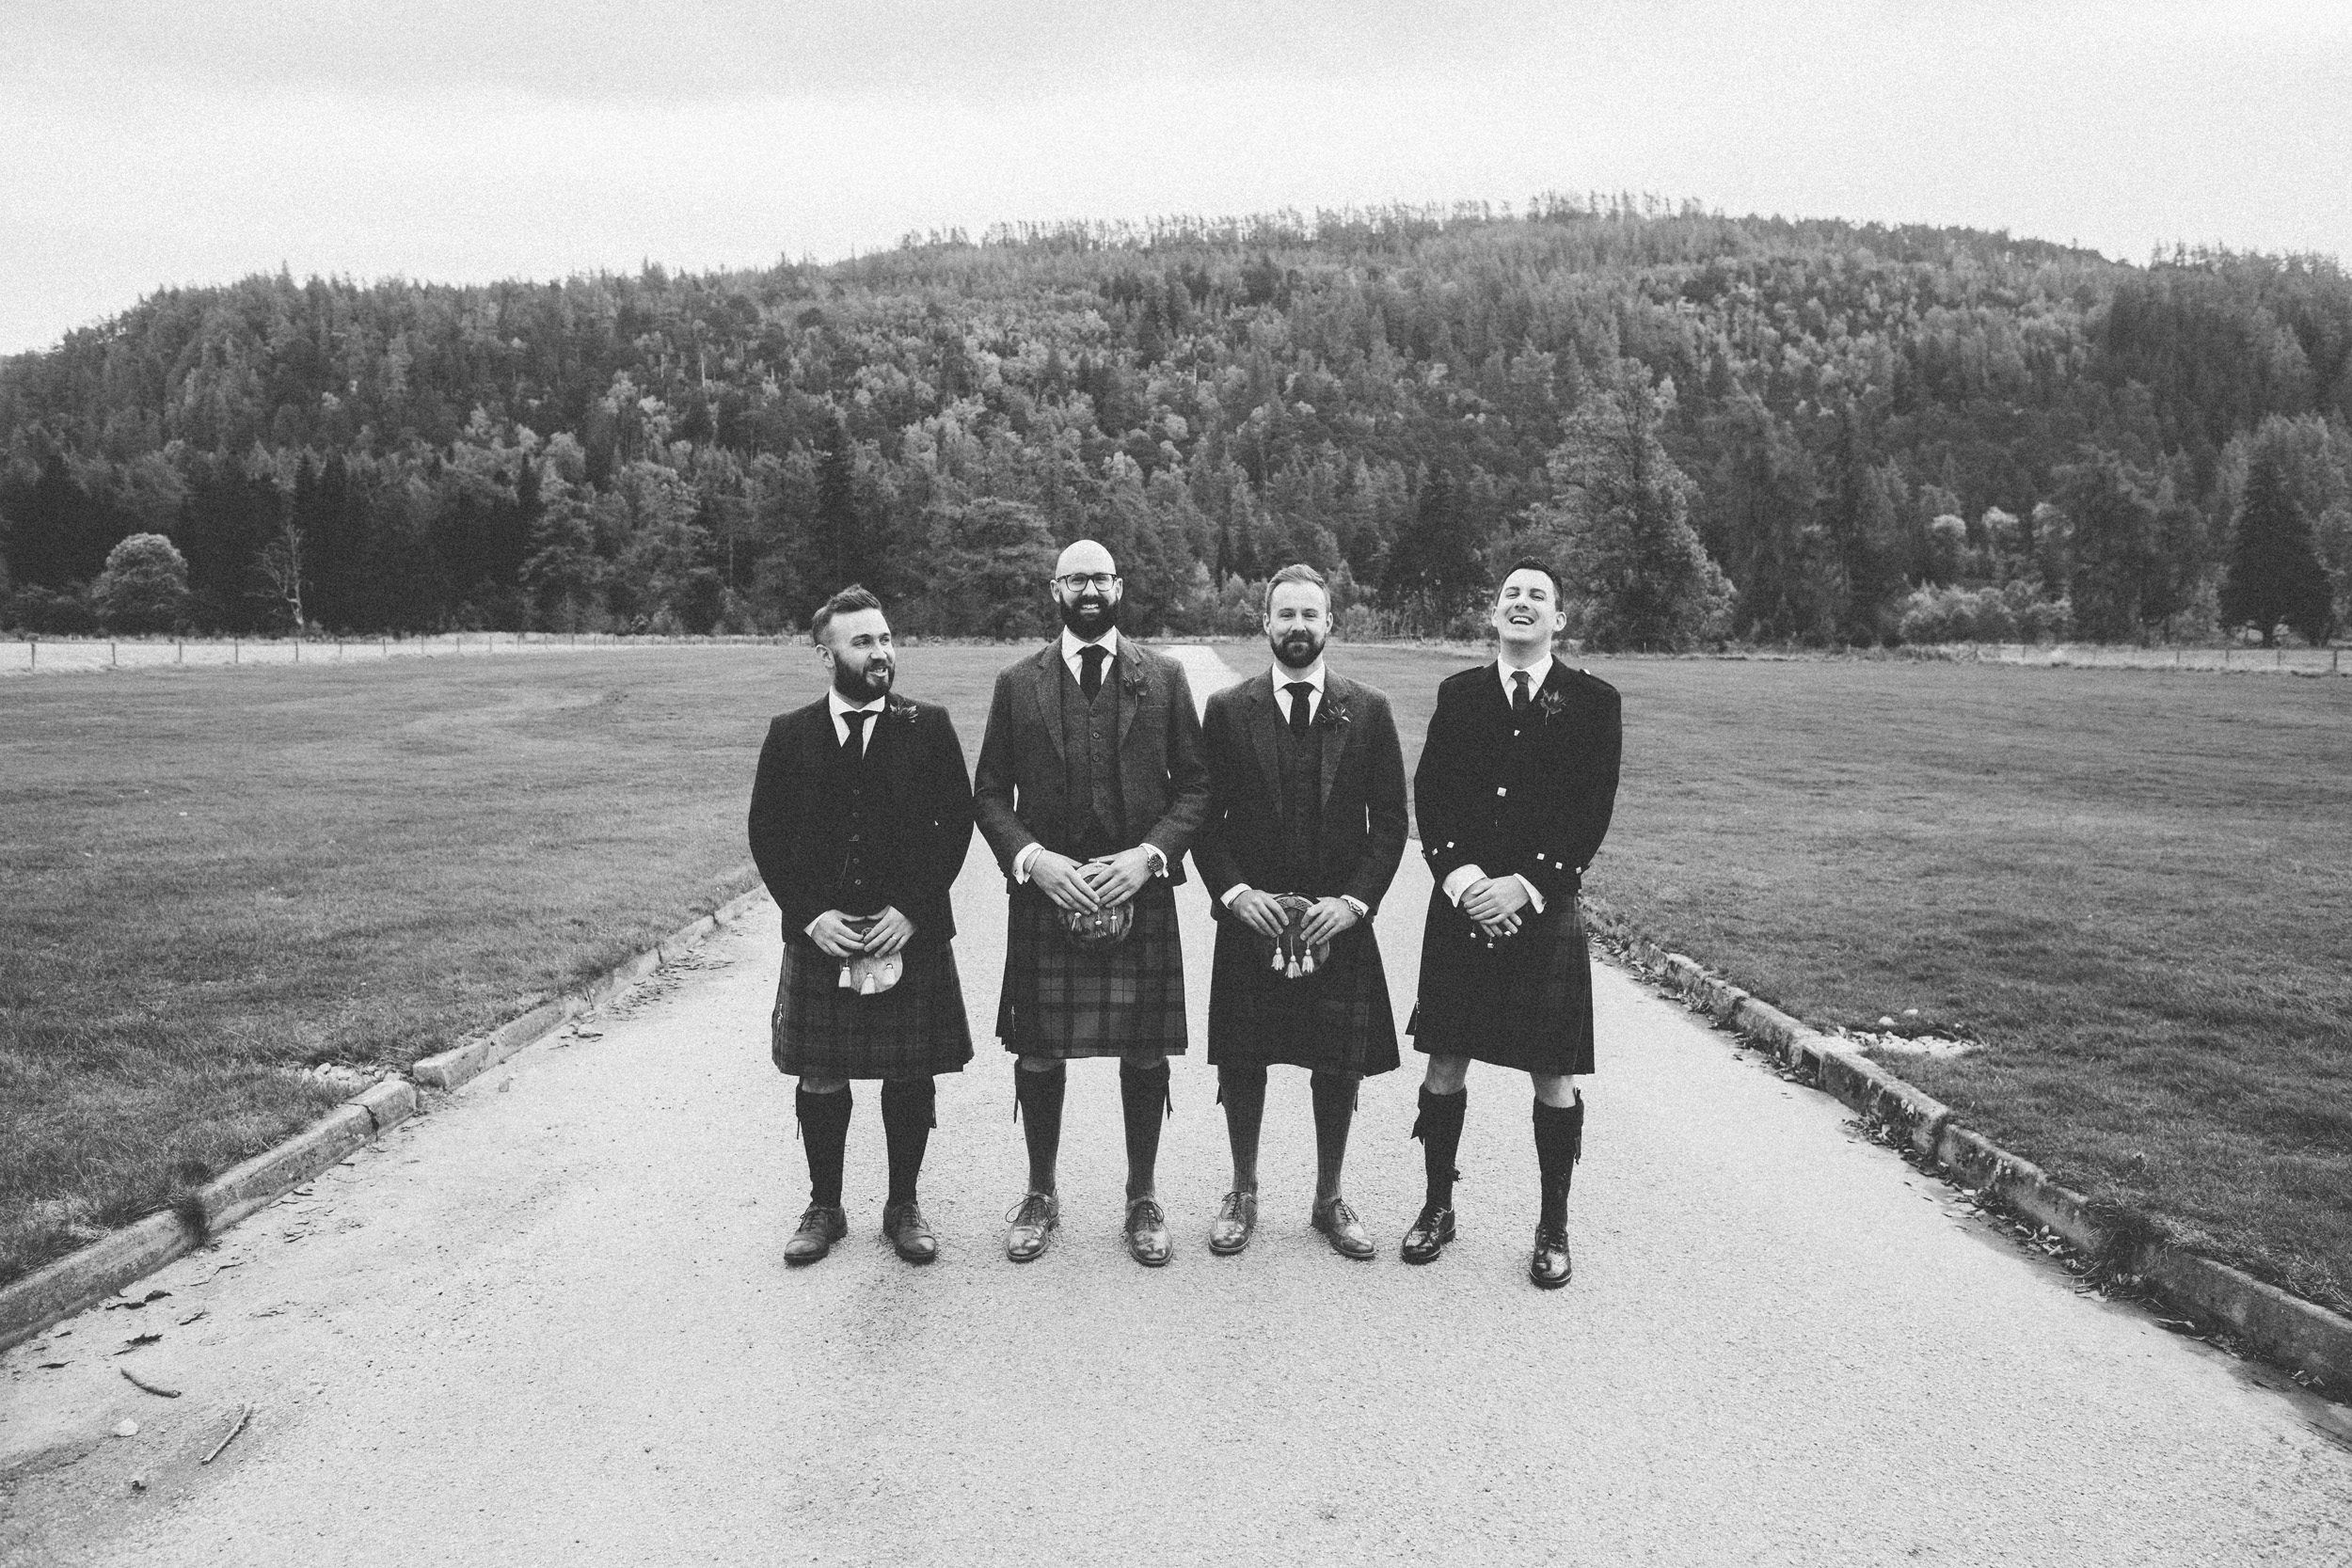 Natural Wedding Photography Aberdeen Braemar 006.jpg